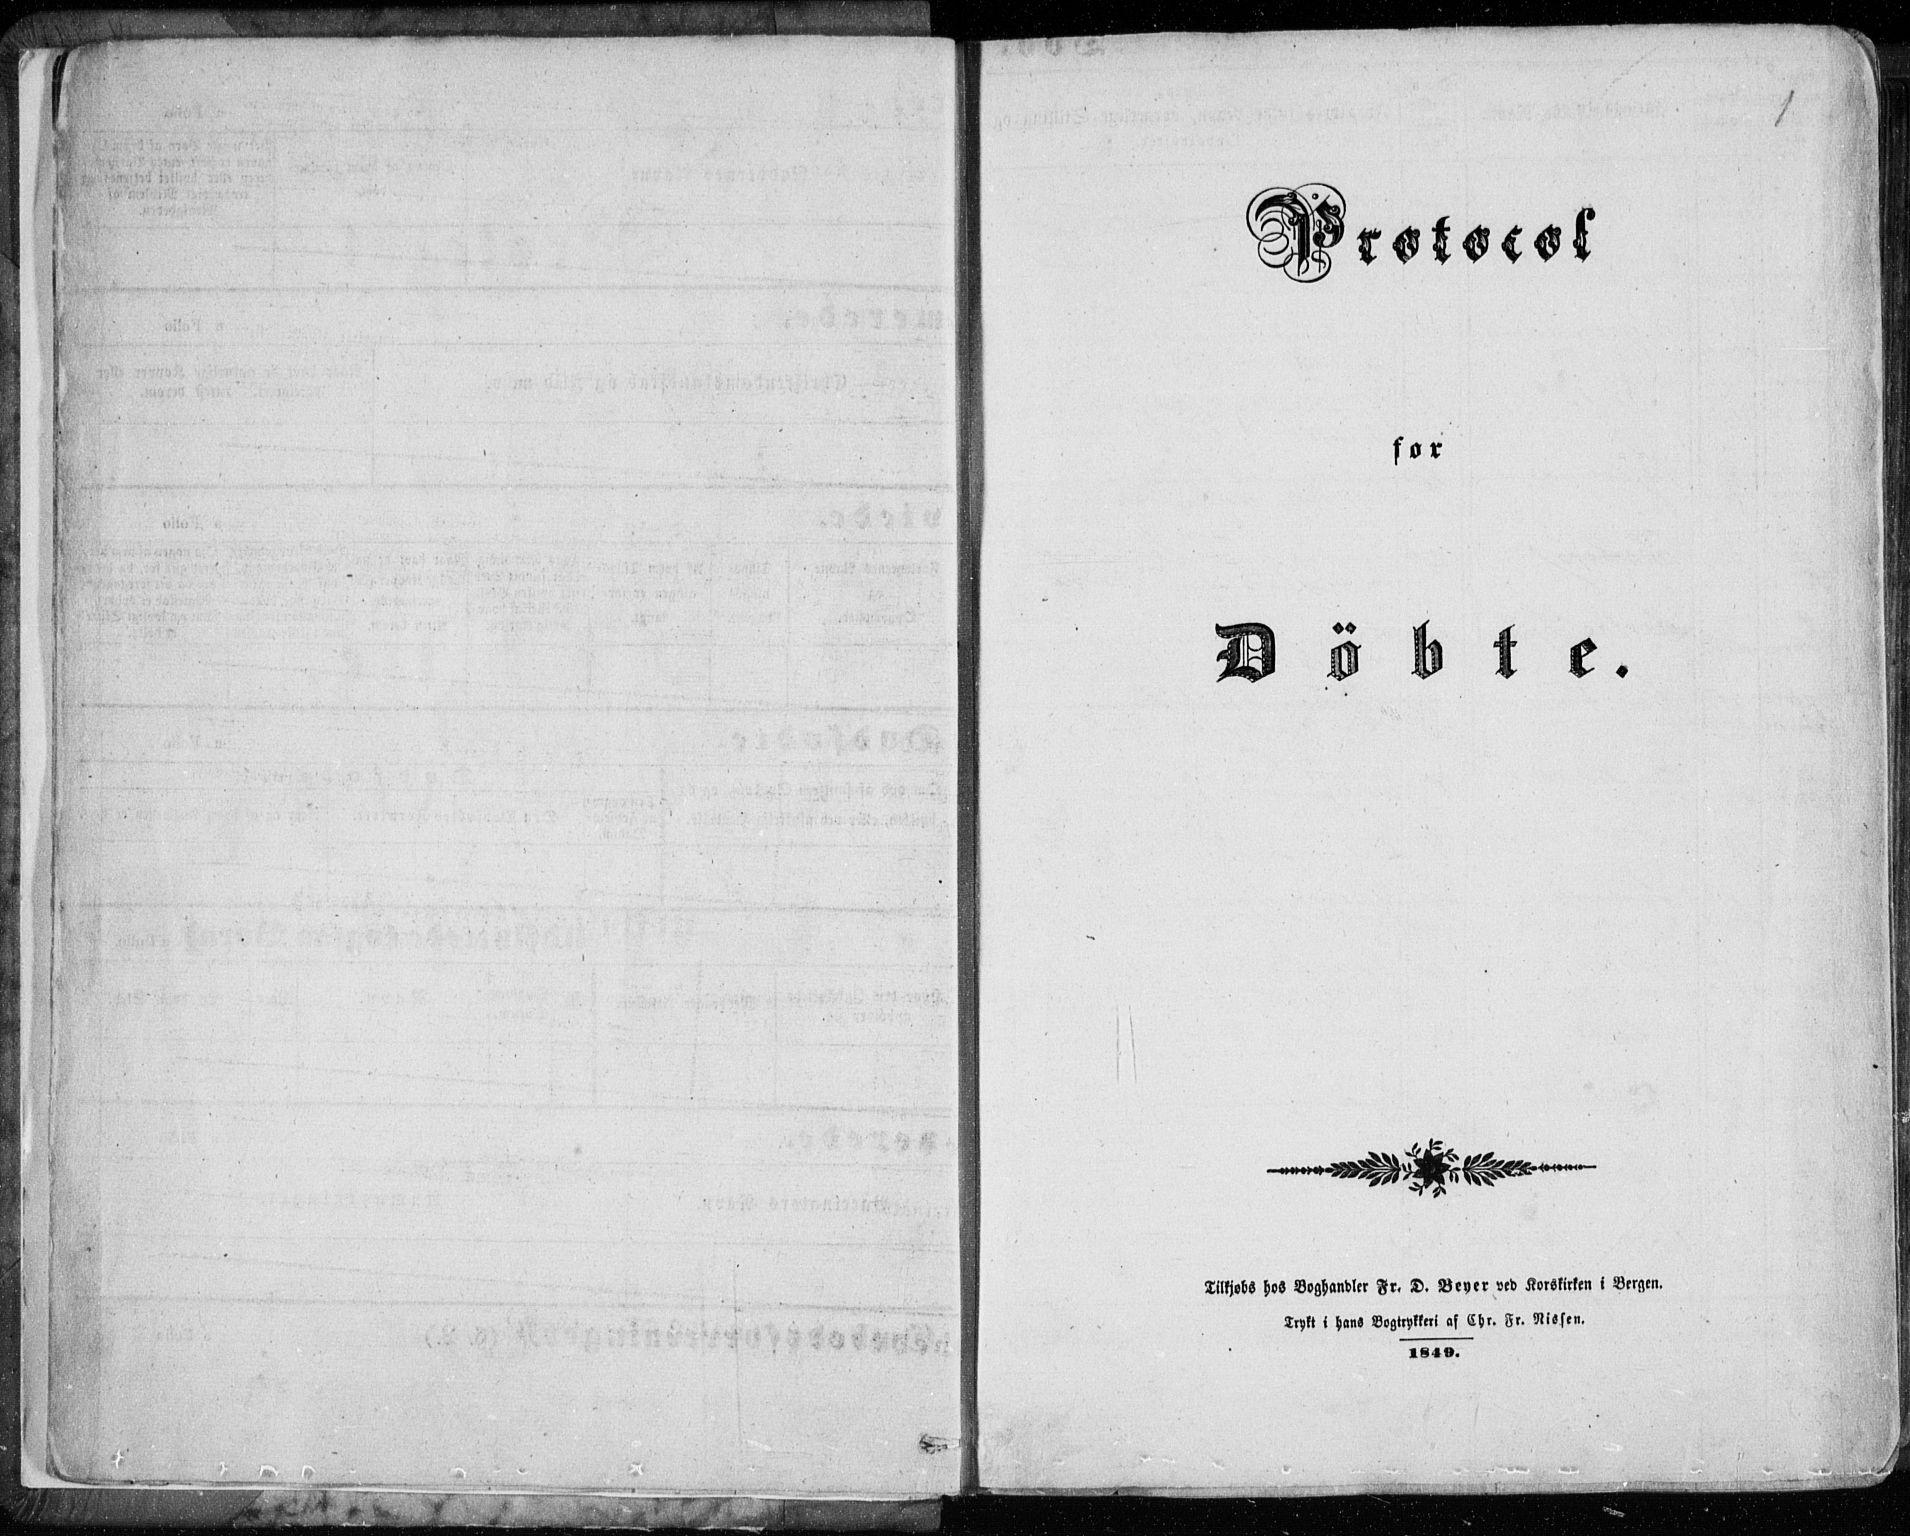 SAB, Sund sokneprestembete, Ministerialbok nr. A 14, 1850-1866, s. 1